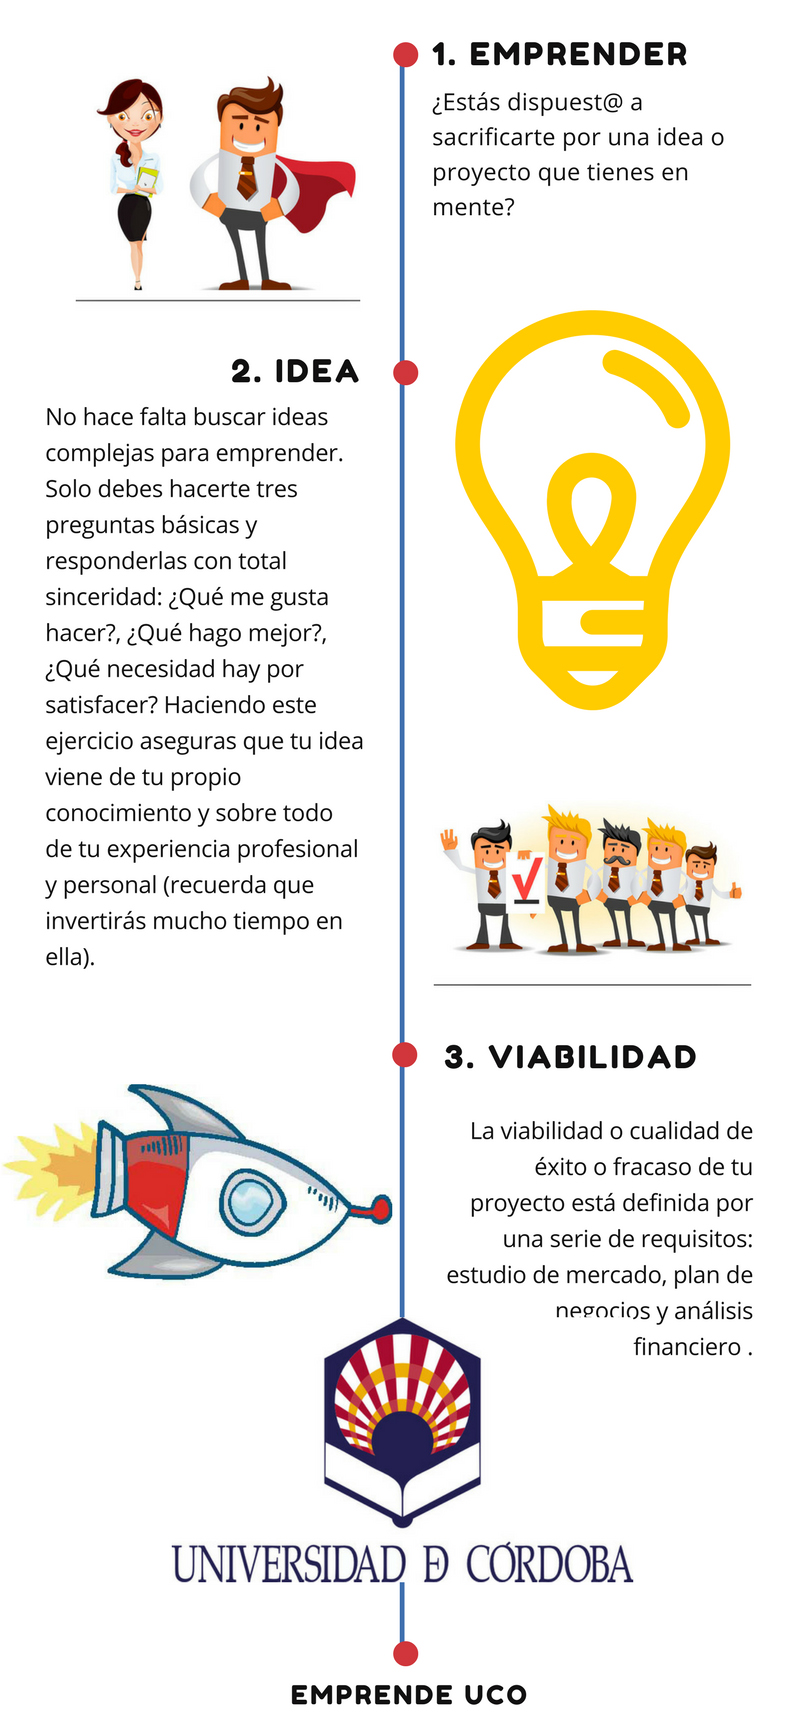 Emprender en la Universidad de Córdoba - Herramientas